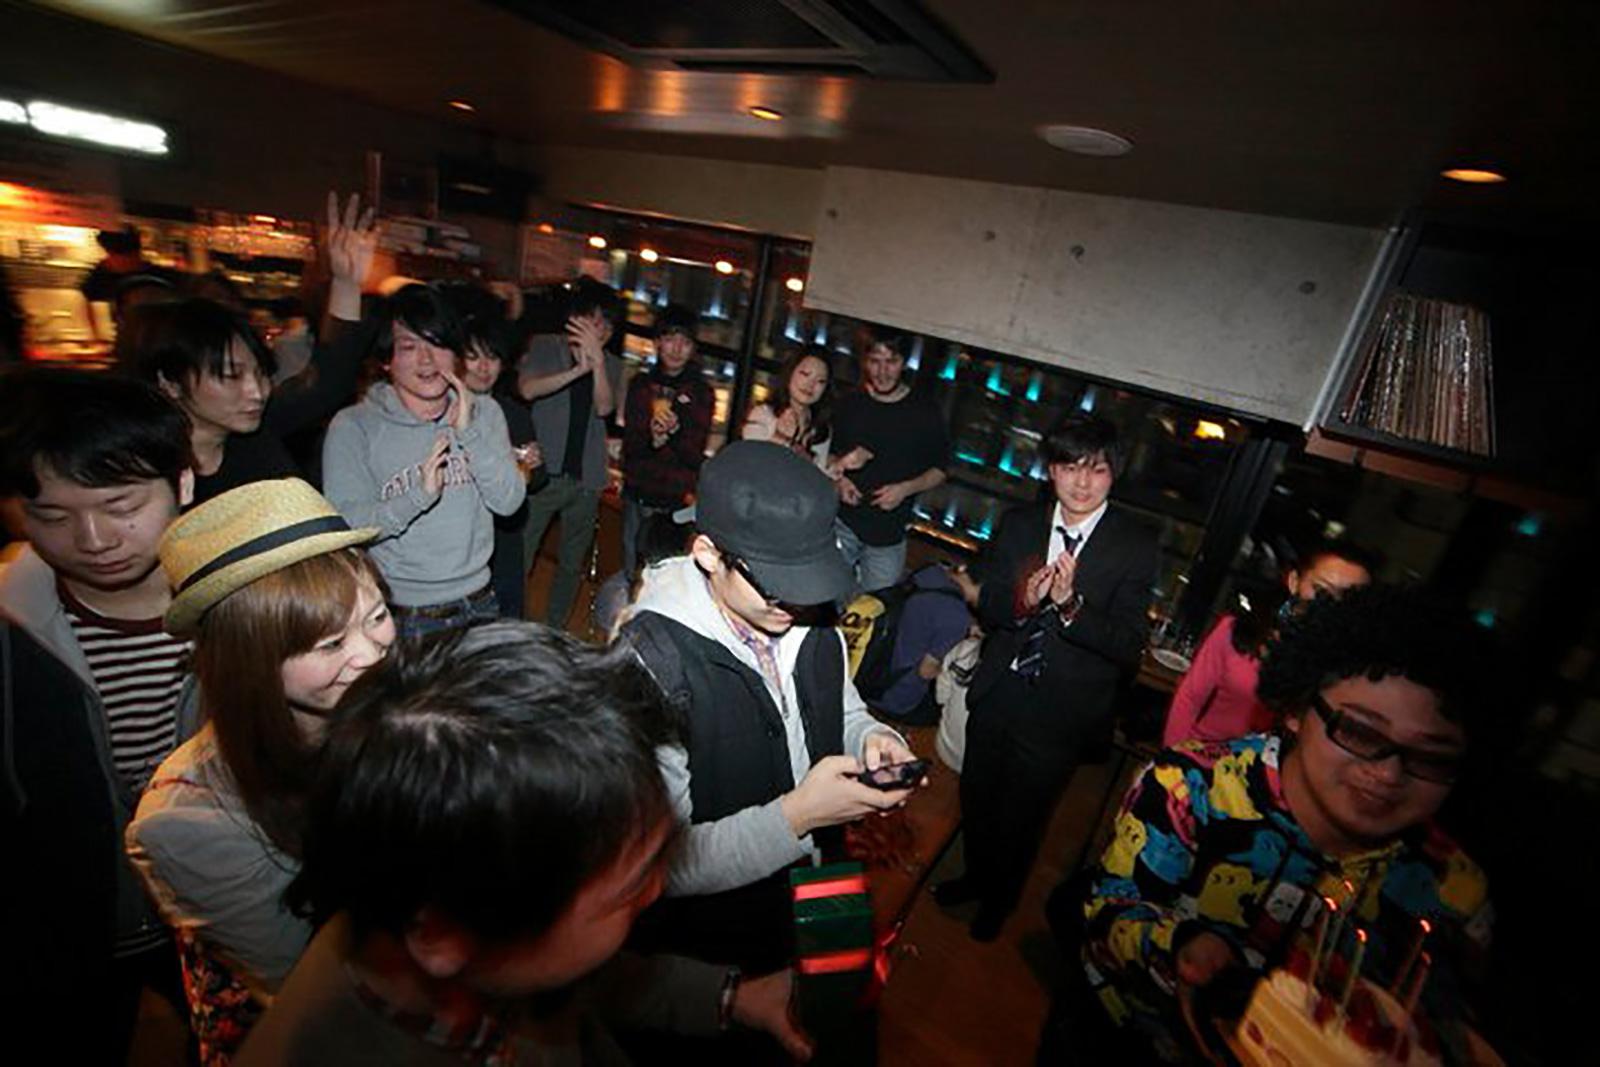 コネゼロ!始まりは30人のパーティーだった。